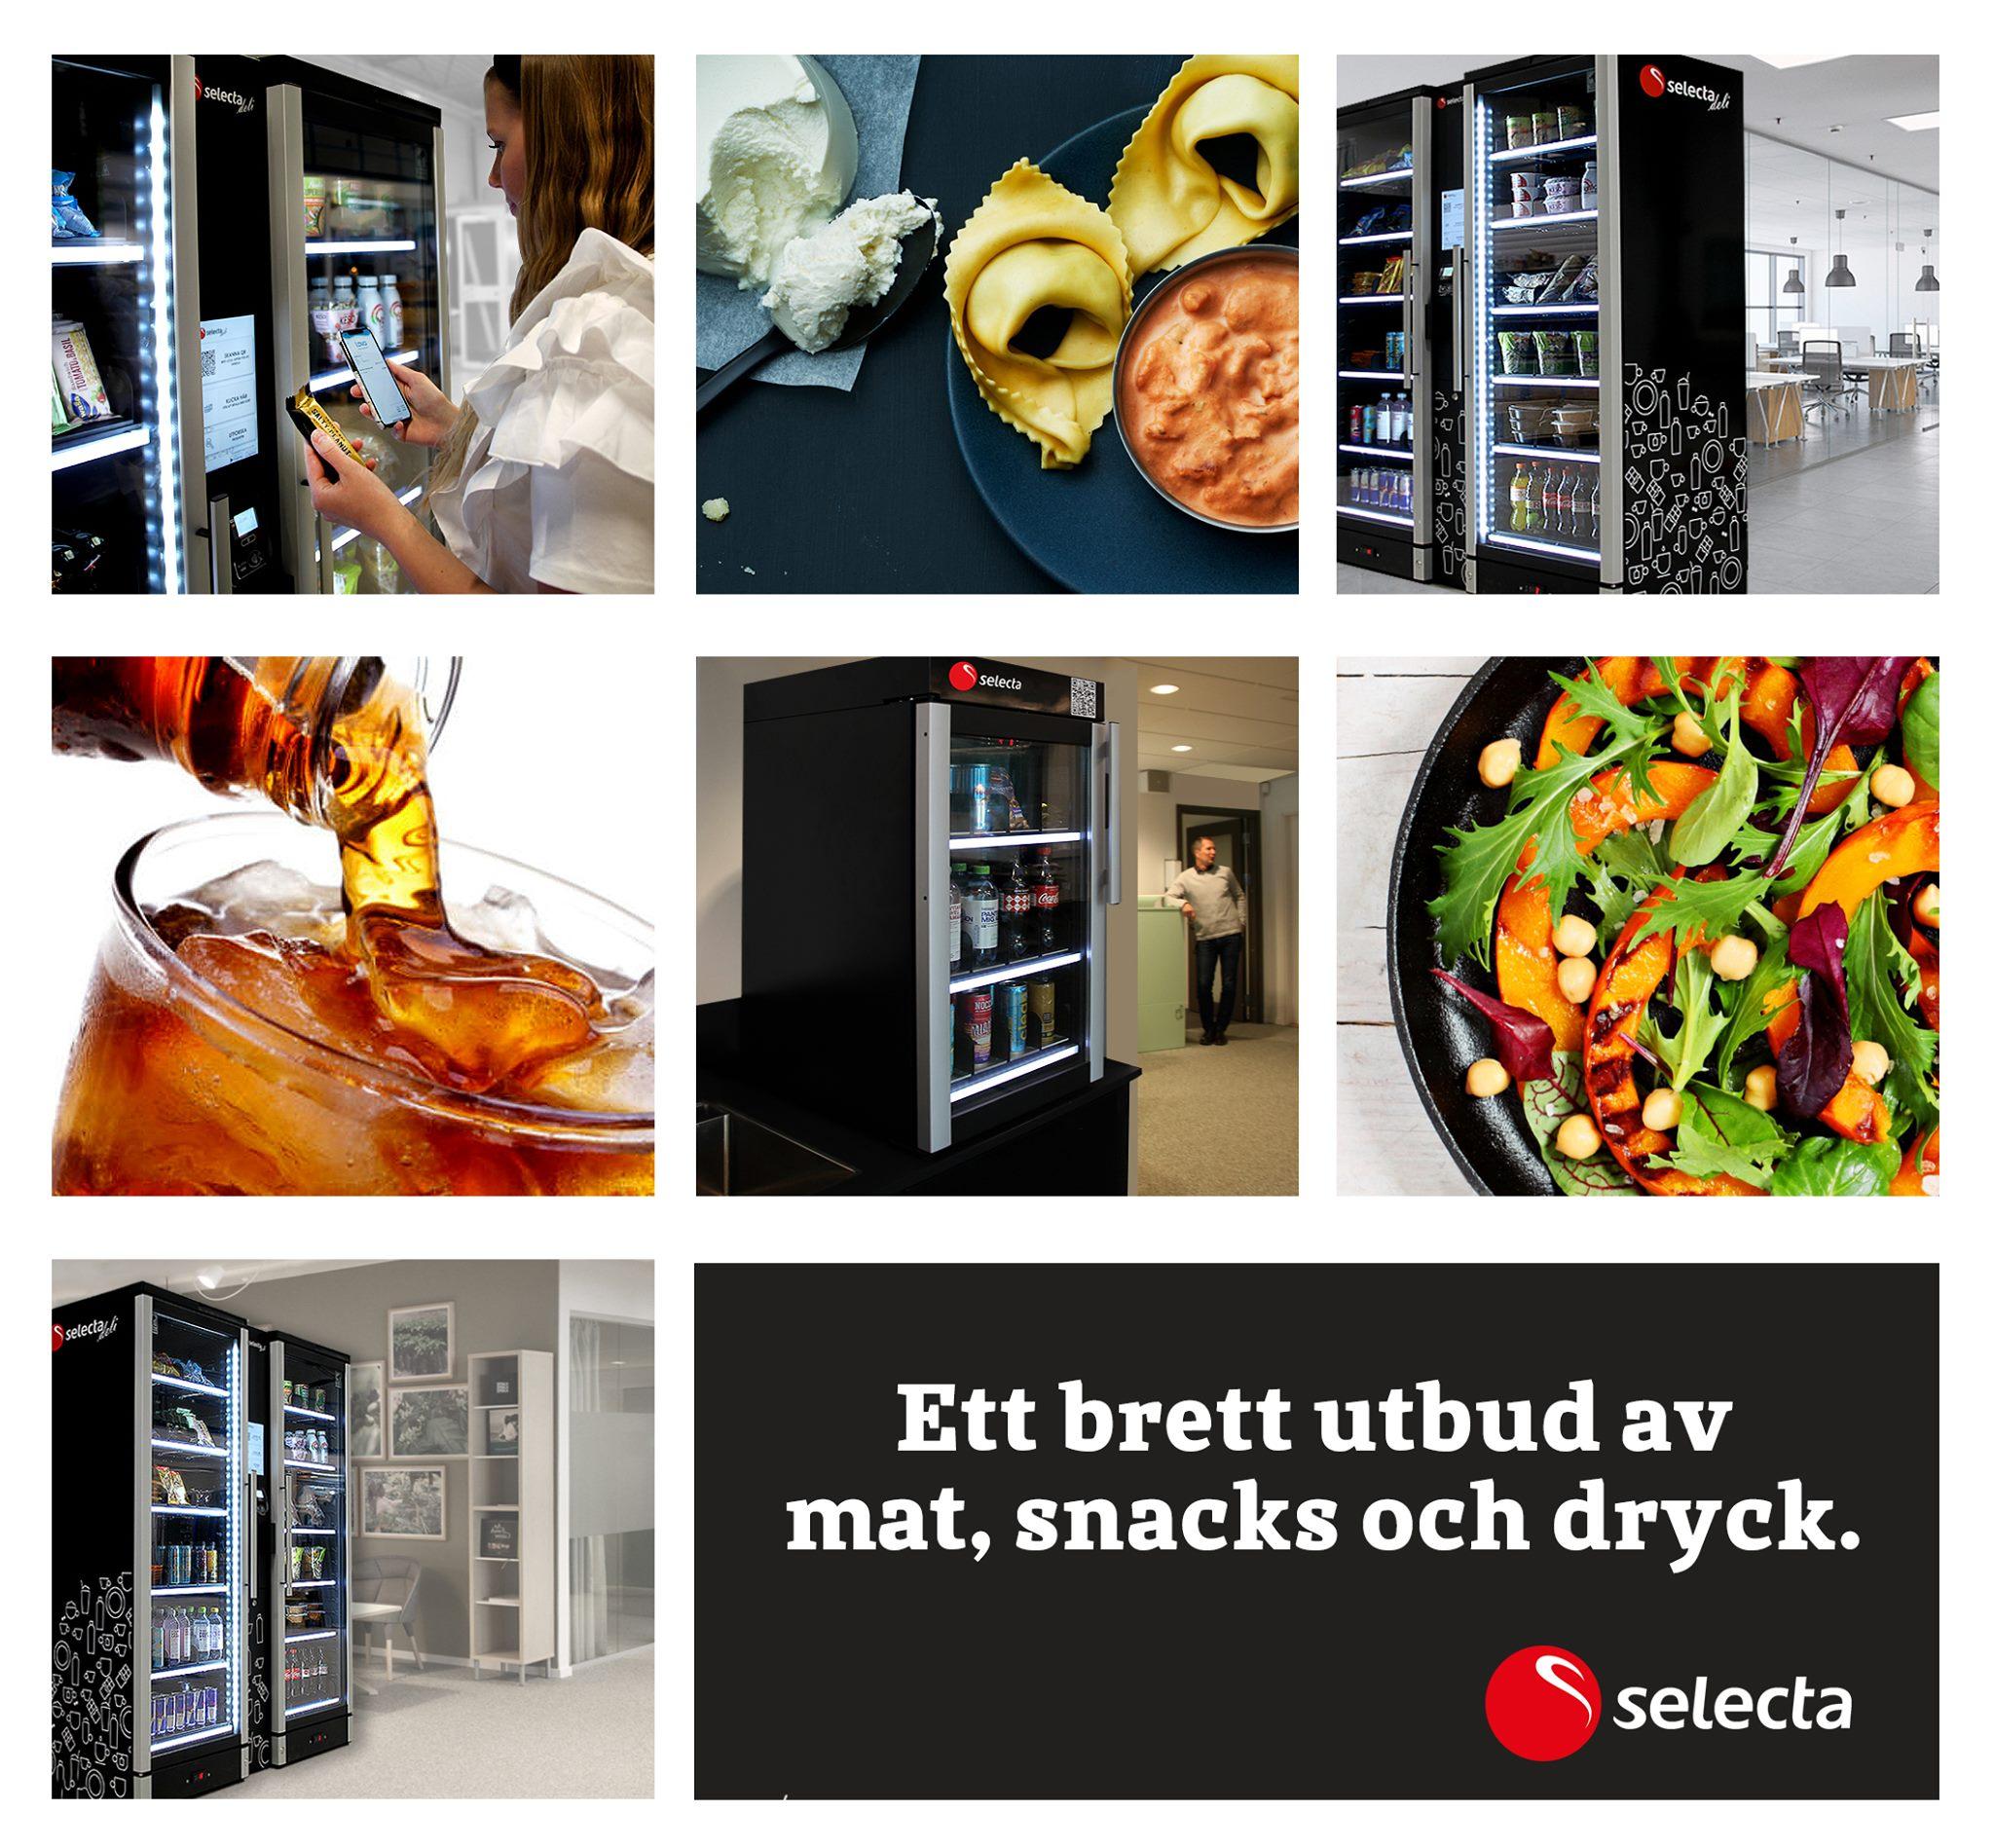 Selecta представила инновационные умные холодильники для общественного питания